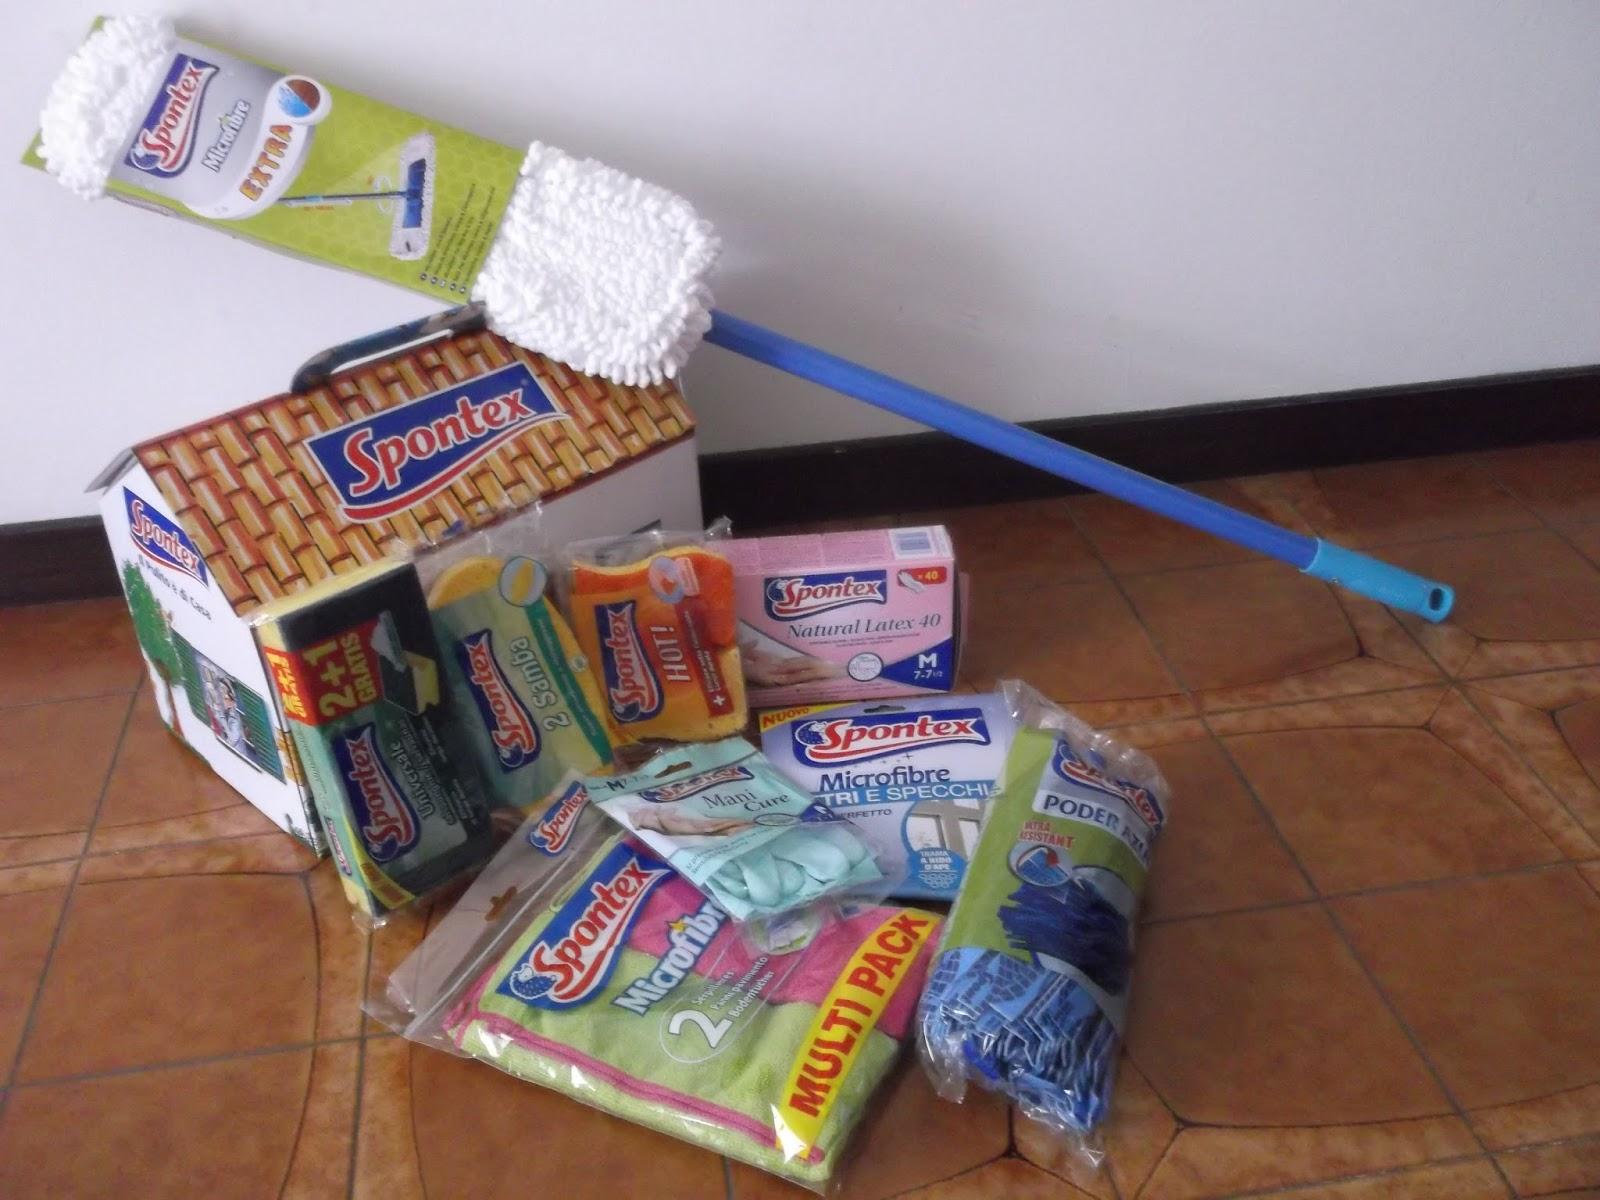 Alla ricerca di cose nuove spontex per le pulizie di casa for Alla ricerca di piani di casa